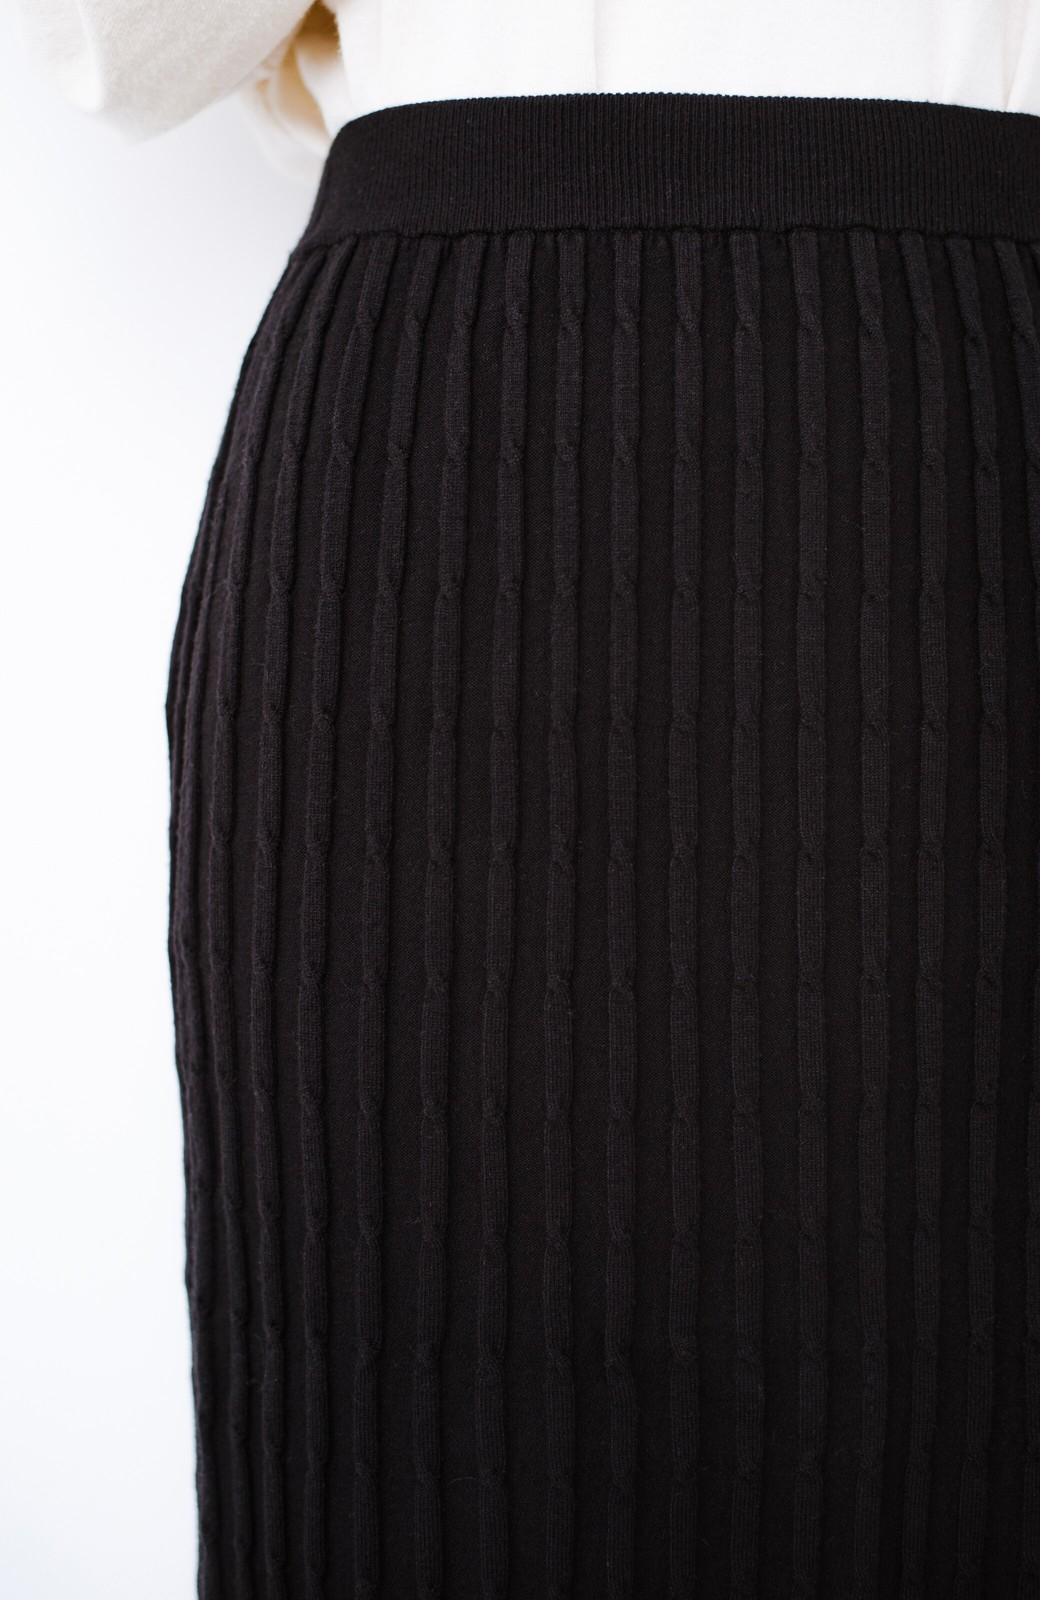 haco! シンプルトップスと合わせるだけで華やかコーデが完成するケーブルニットスカート <ブラック>の商品写真6